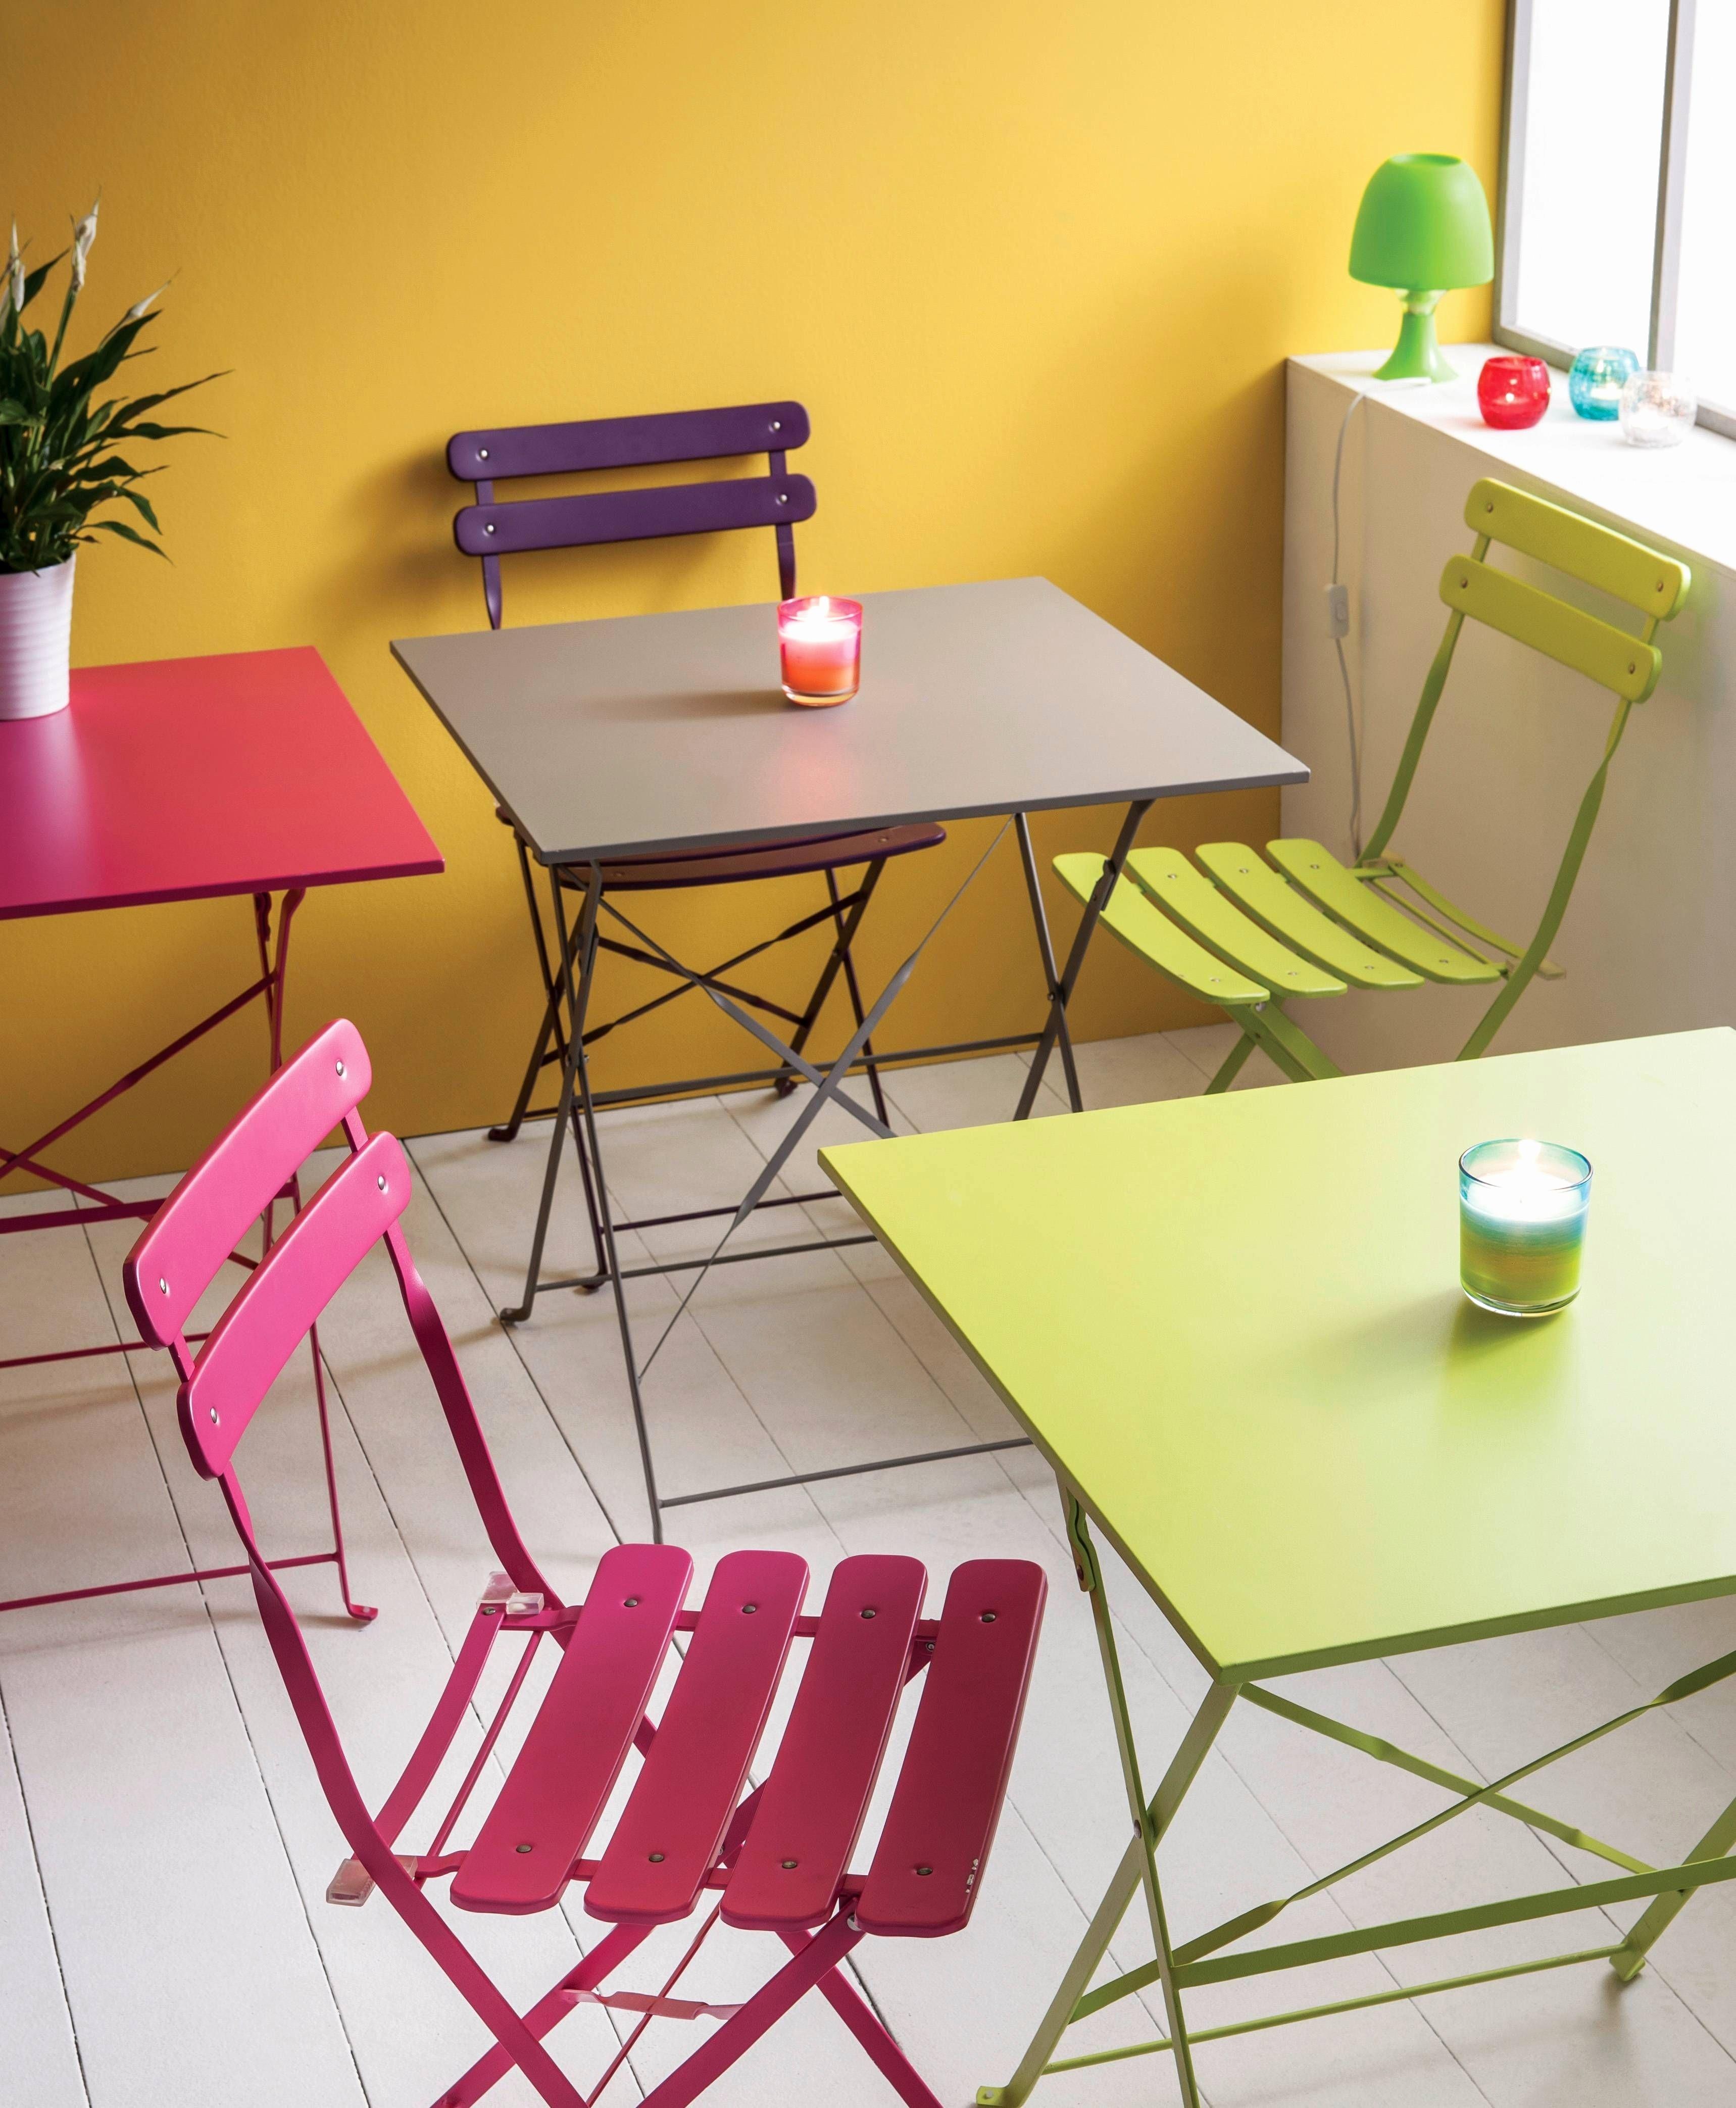 Table Et Chaises De Jardin Leclerc Nouveau Stock Abri De Jardin En Bois Leclerc Plus Artistique Abris De Jardin Brico